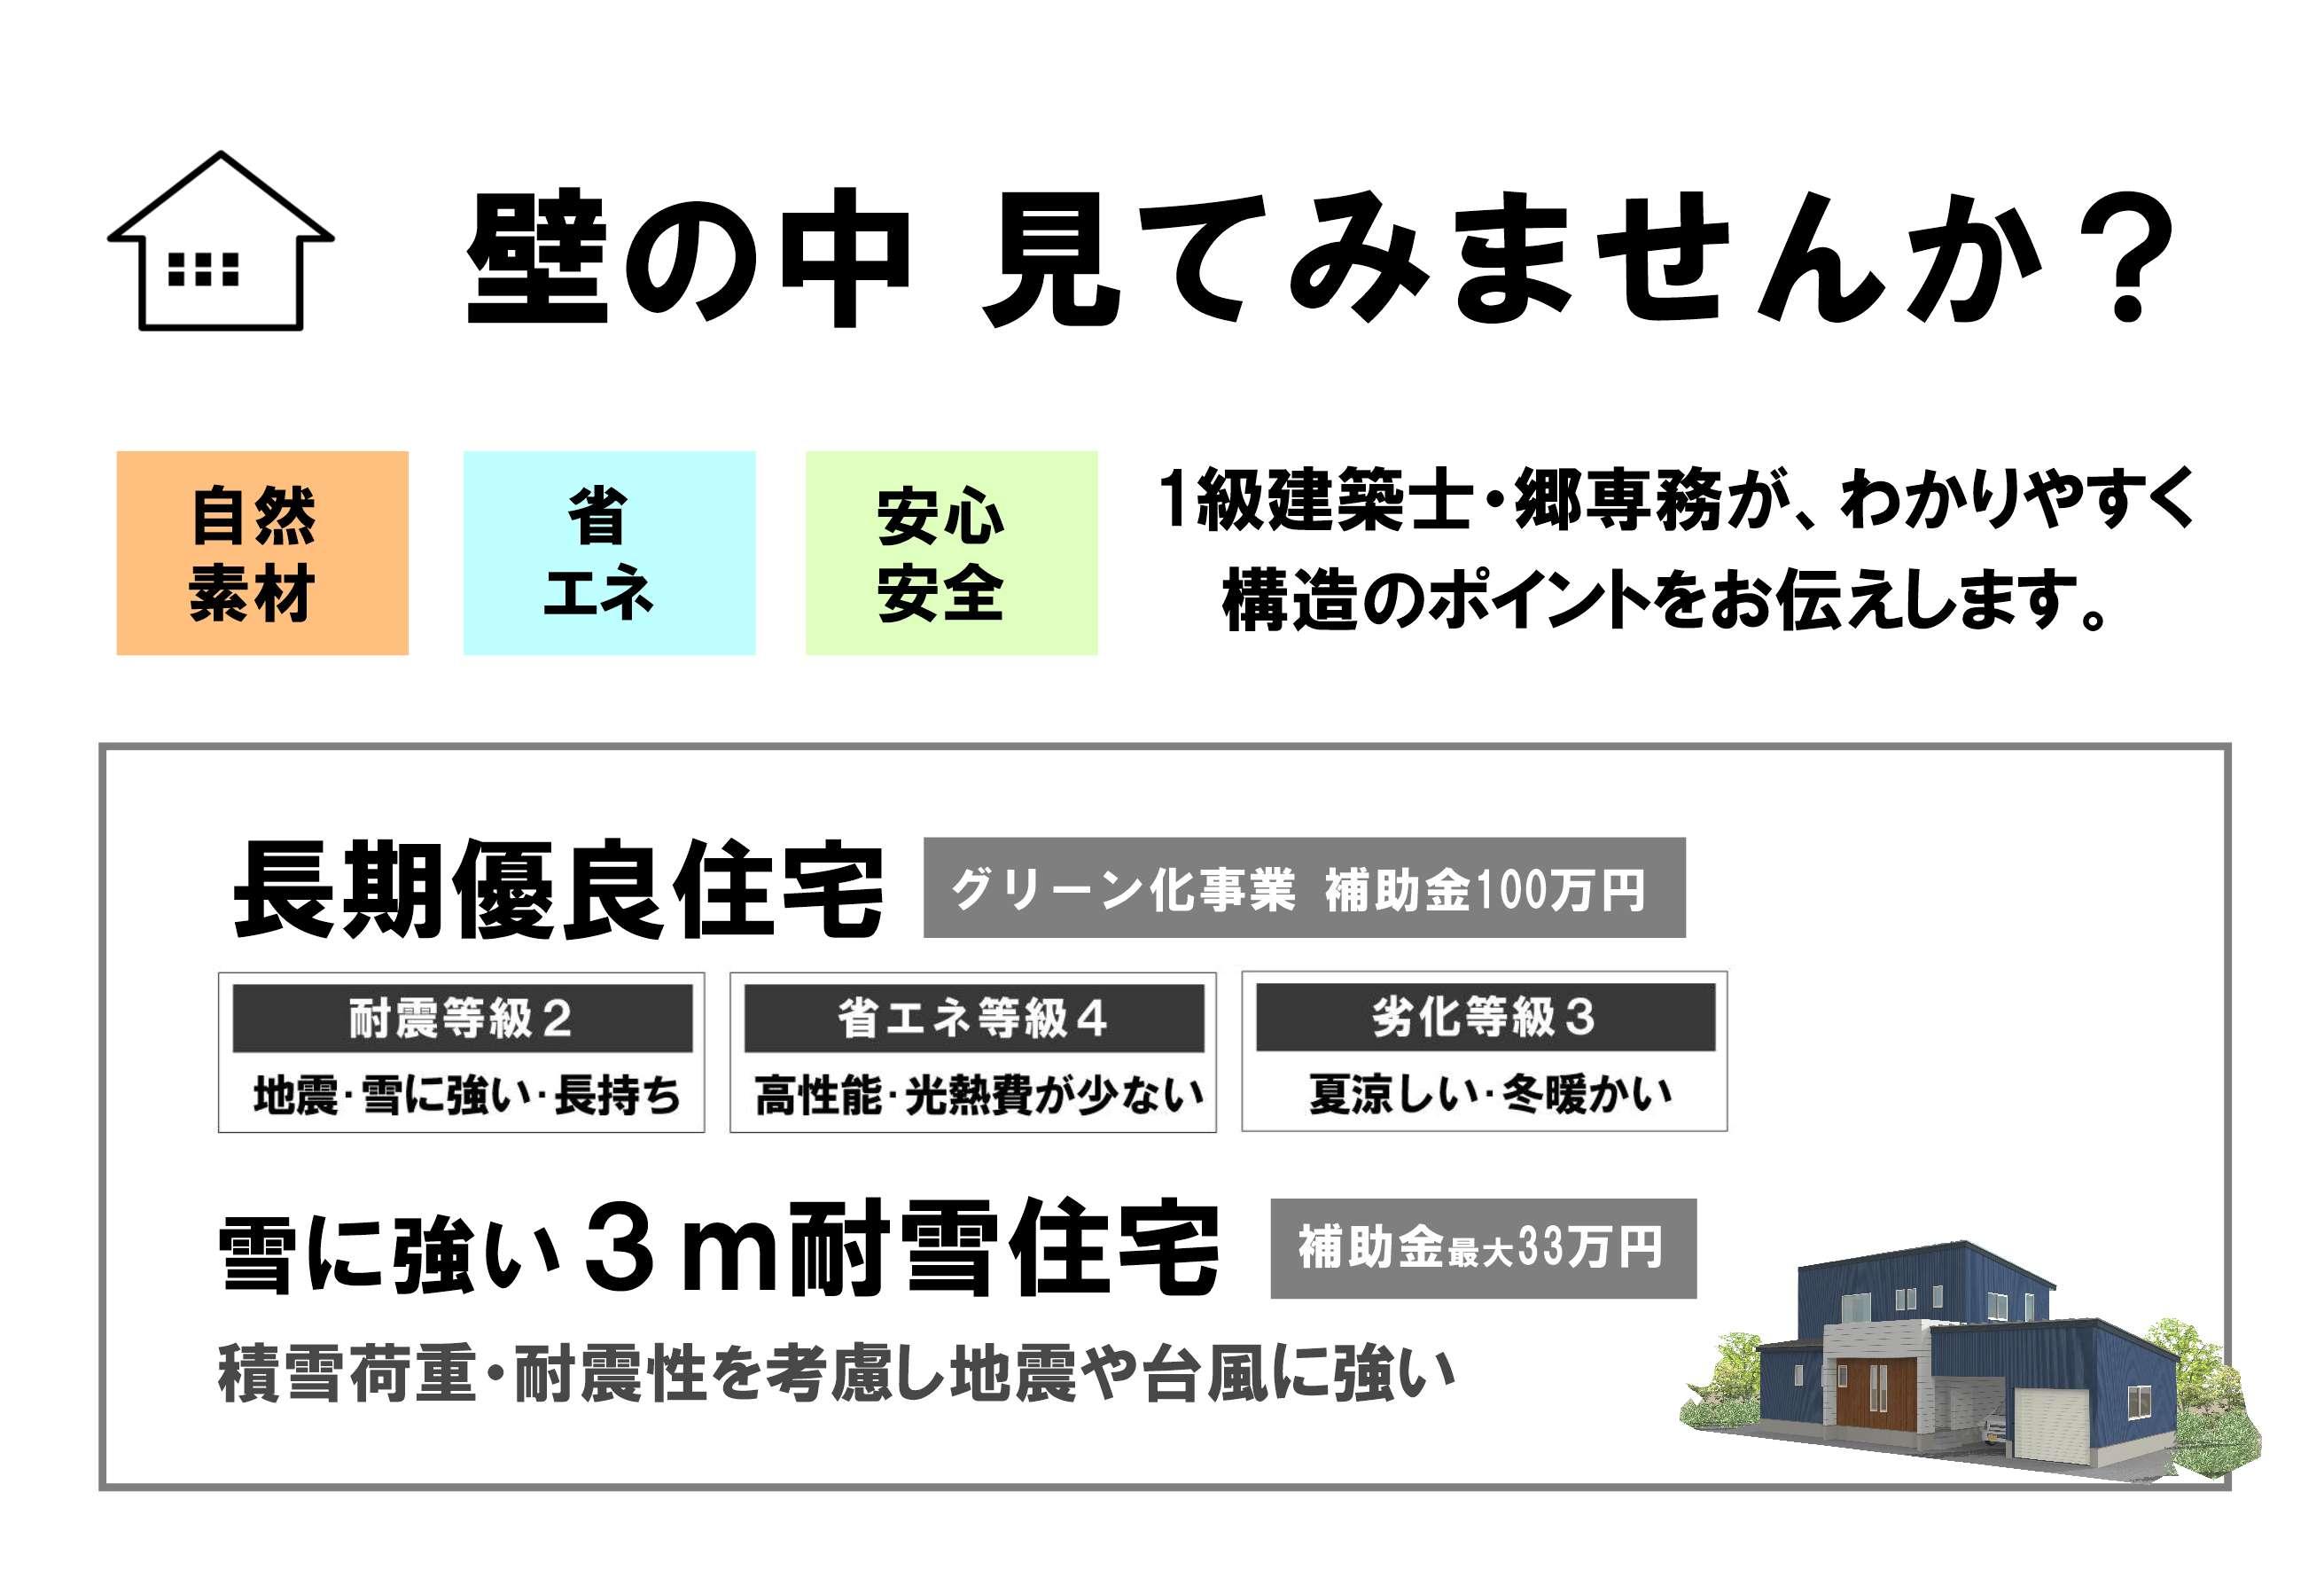 住宅構造セミナー